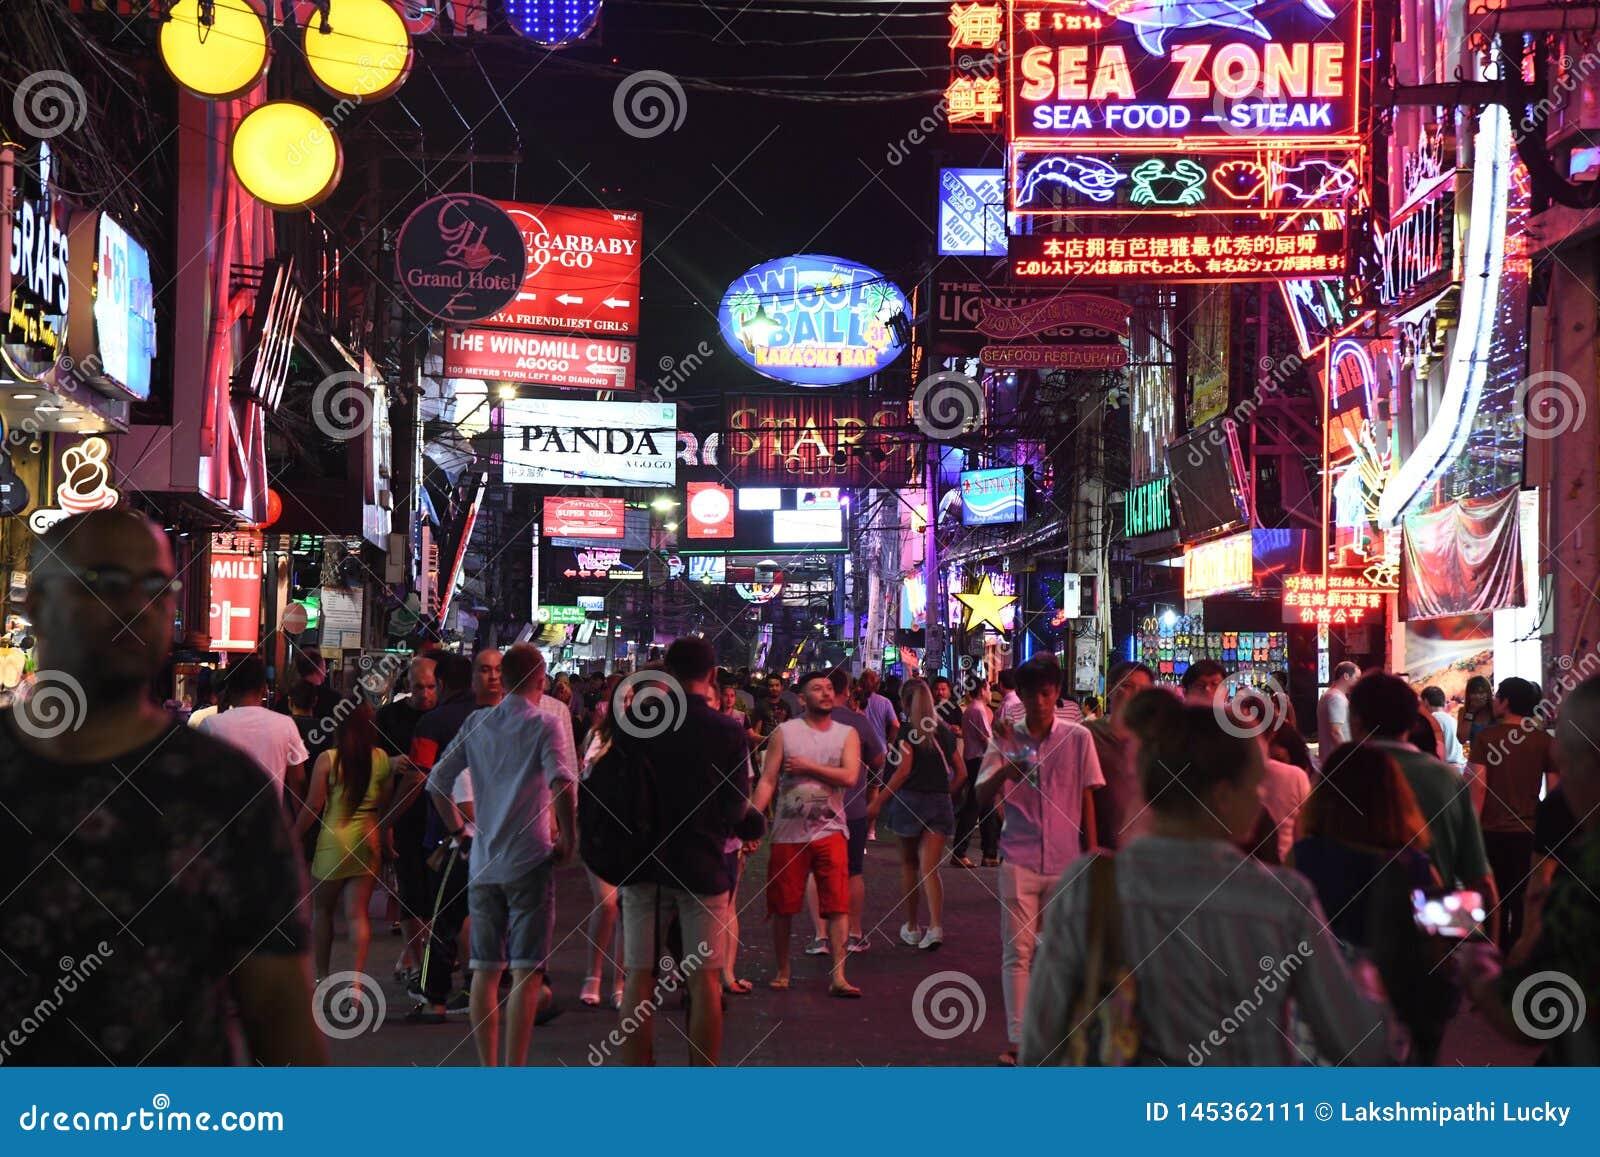 Thailand pattaya nightlife in Pattaya Thailand